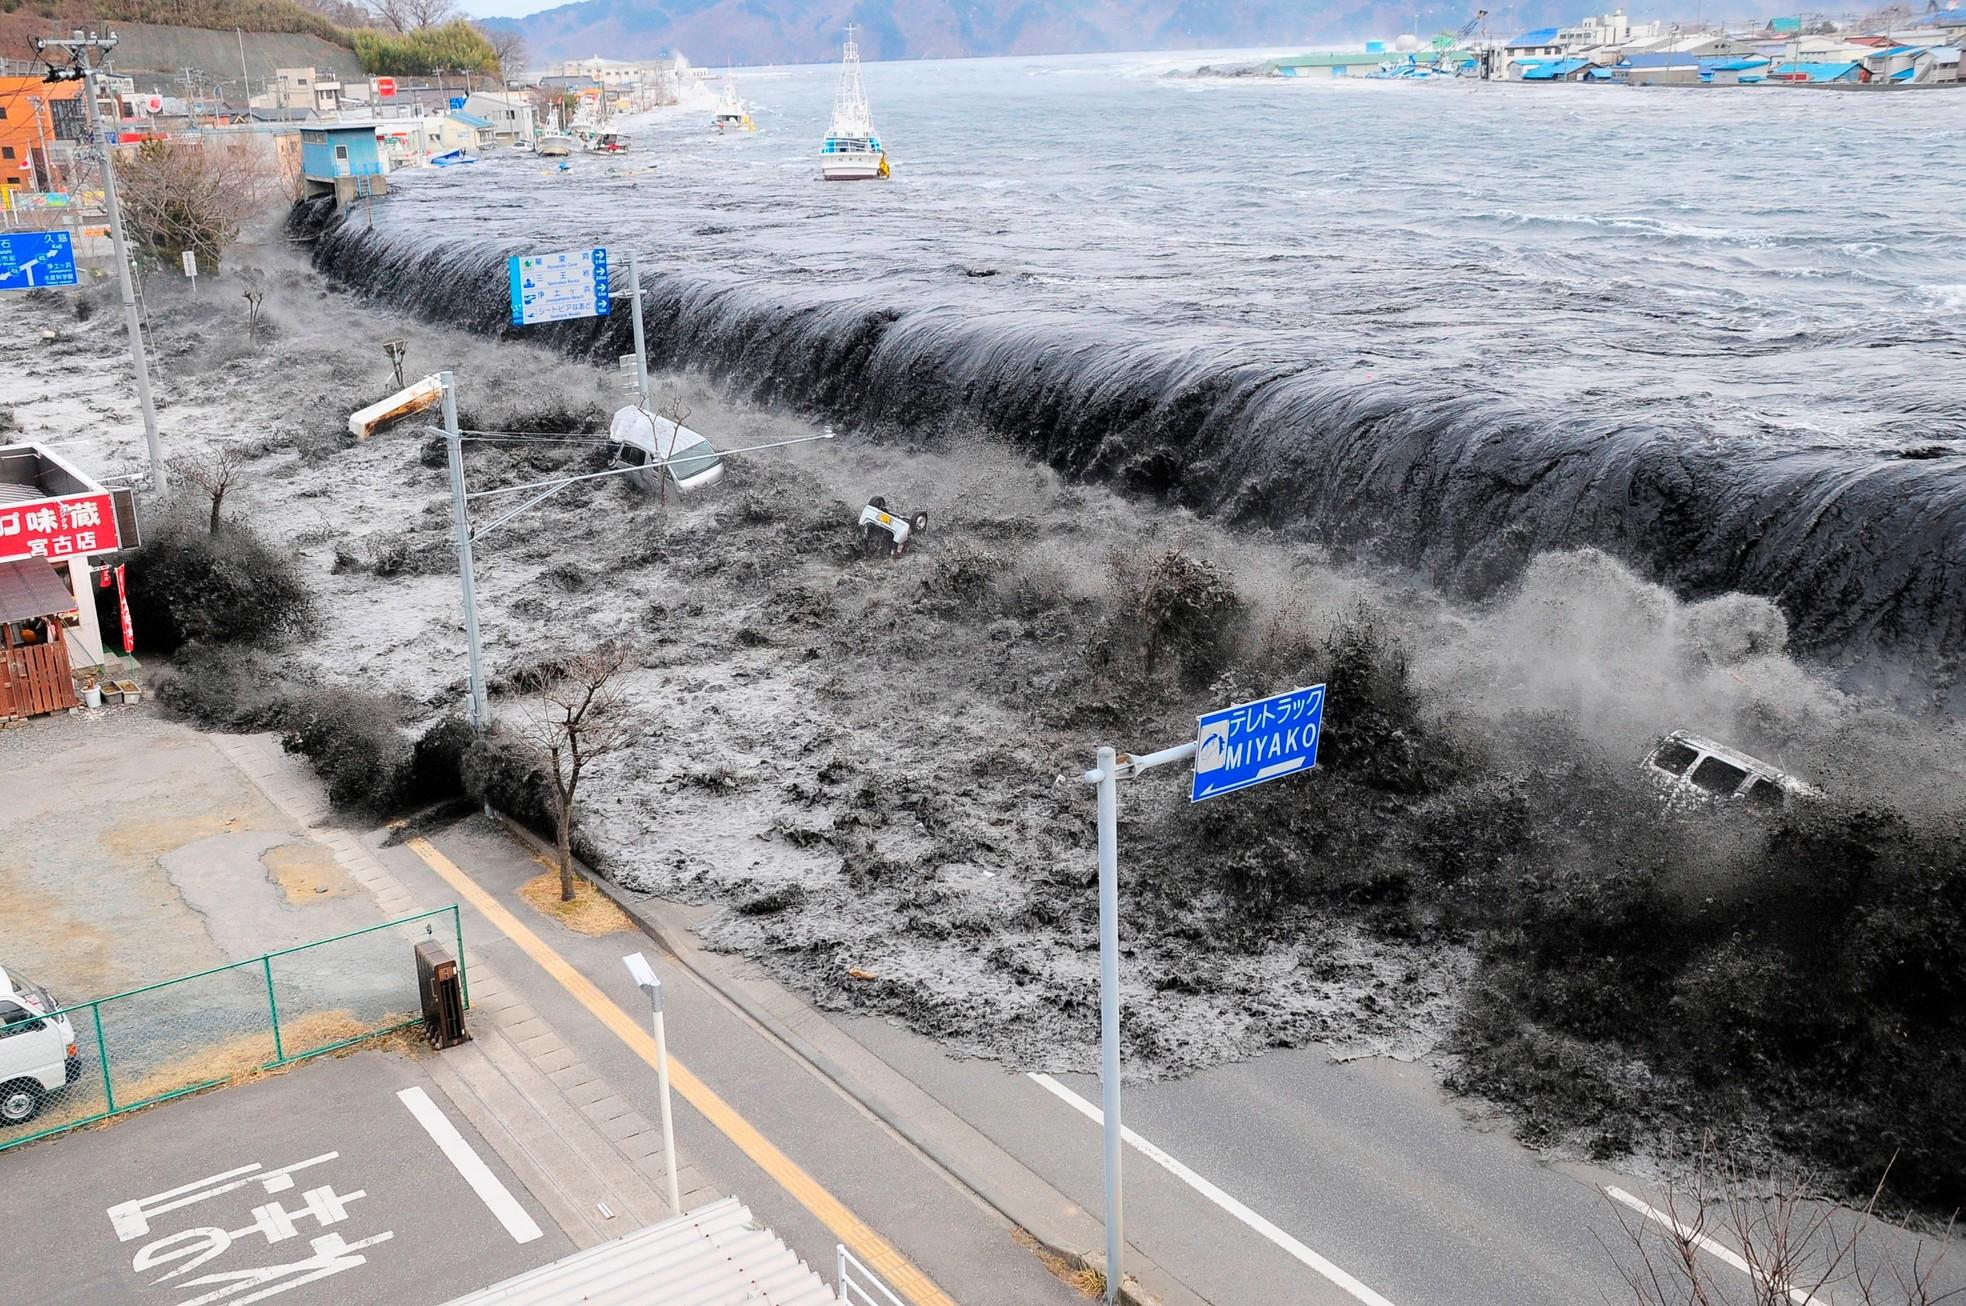 Nỗi buồn khôn nguôi của người sống sót sau thảm họa sóng thần ở Nhật Bản ảnh 1